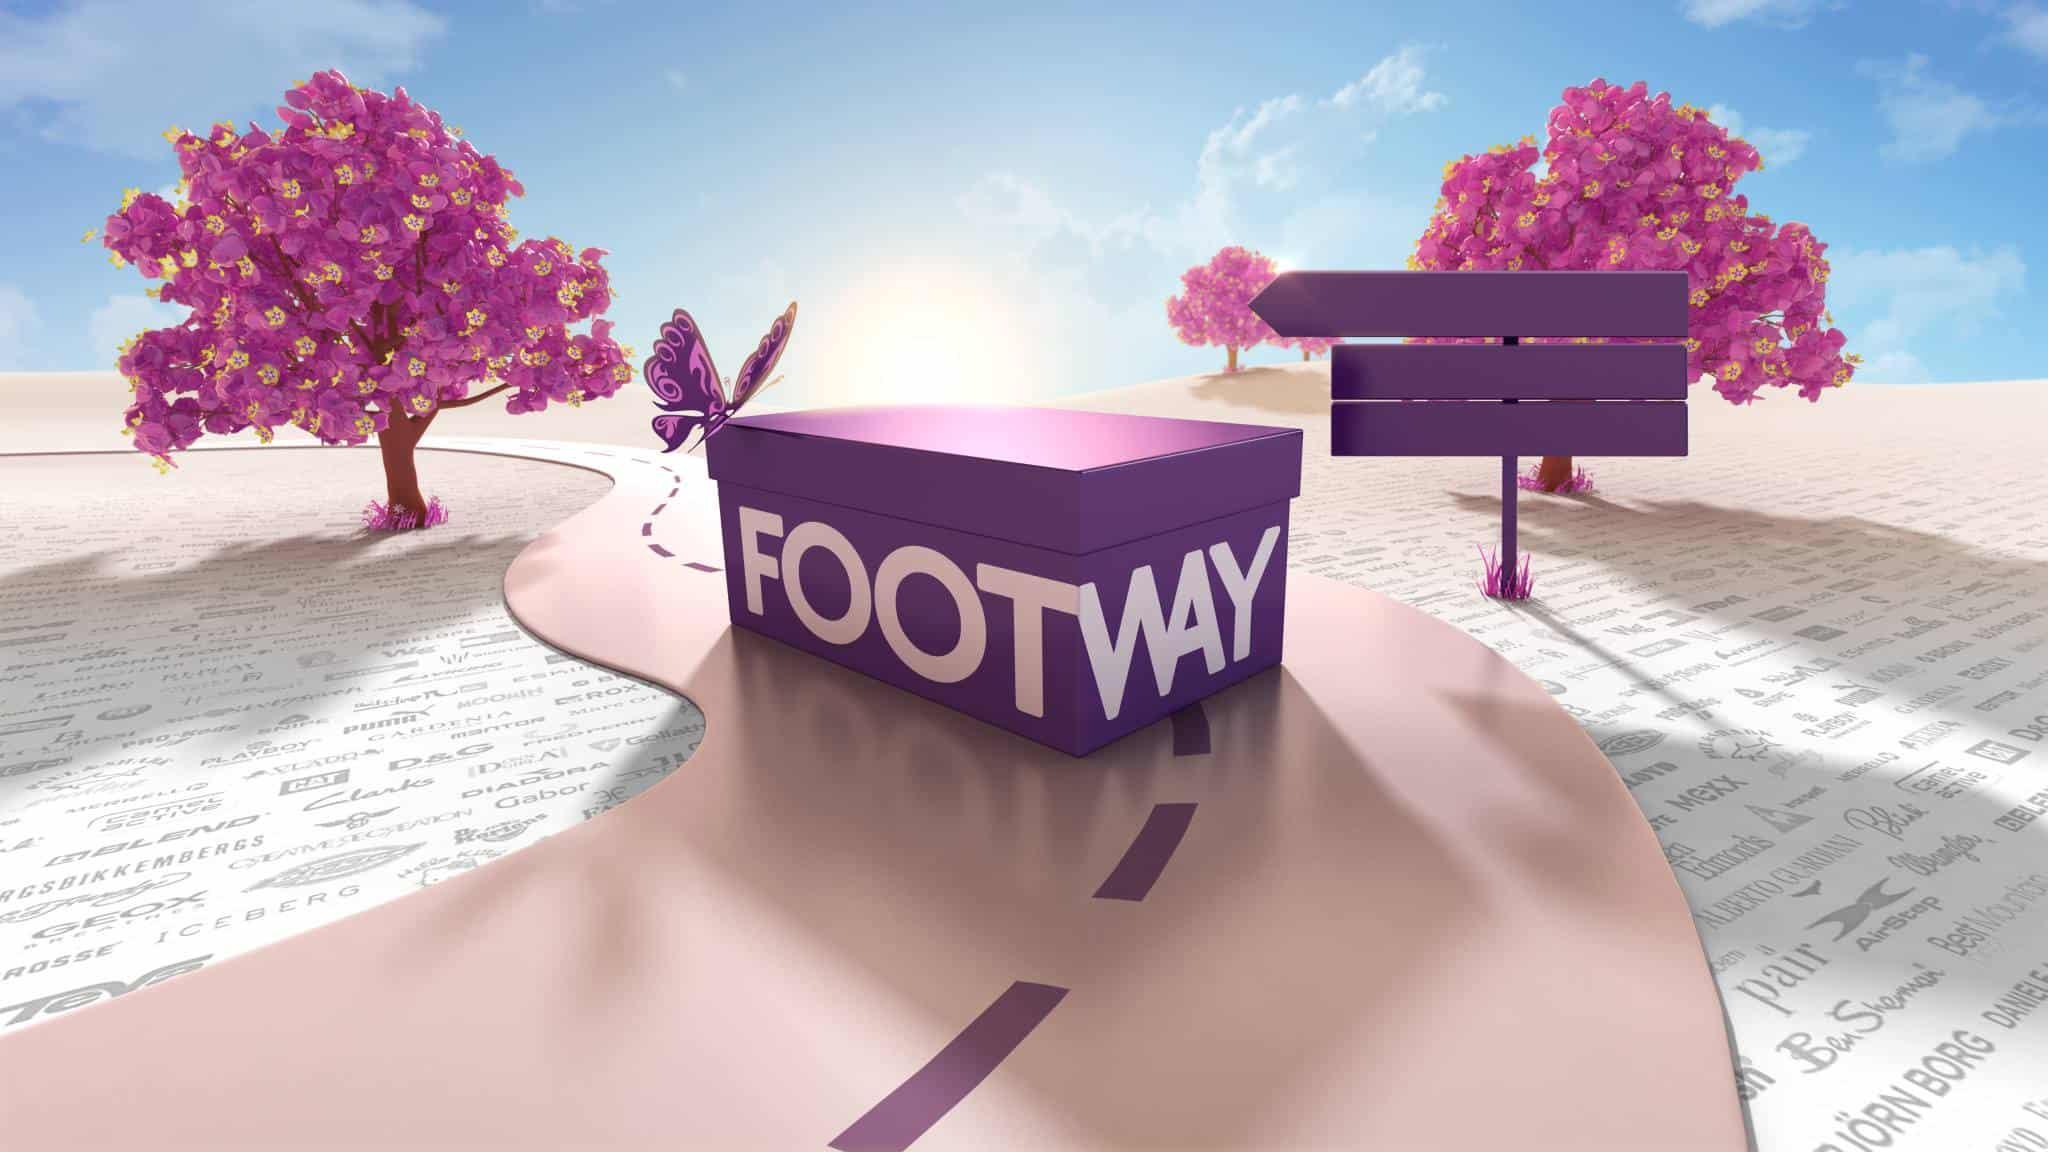 Footway – Suurin valikoima kenkiä netissä